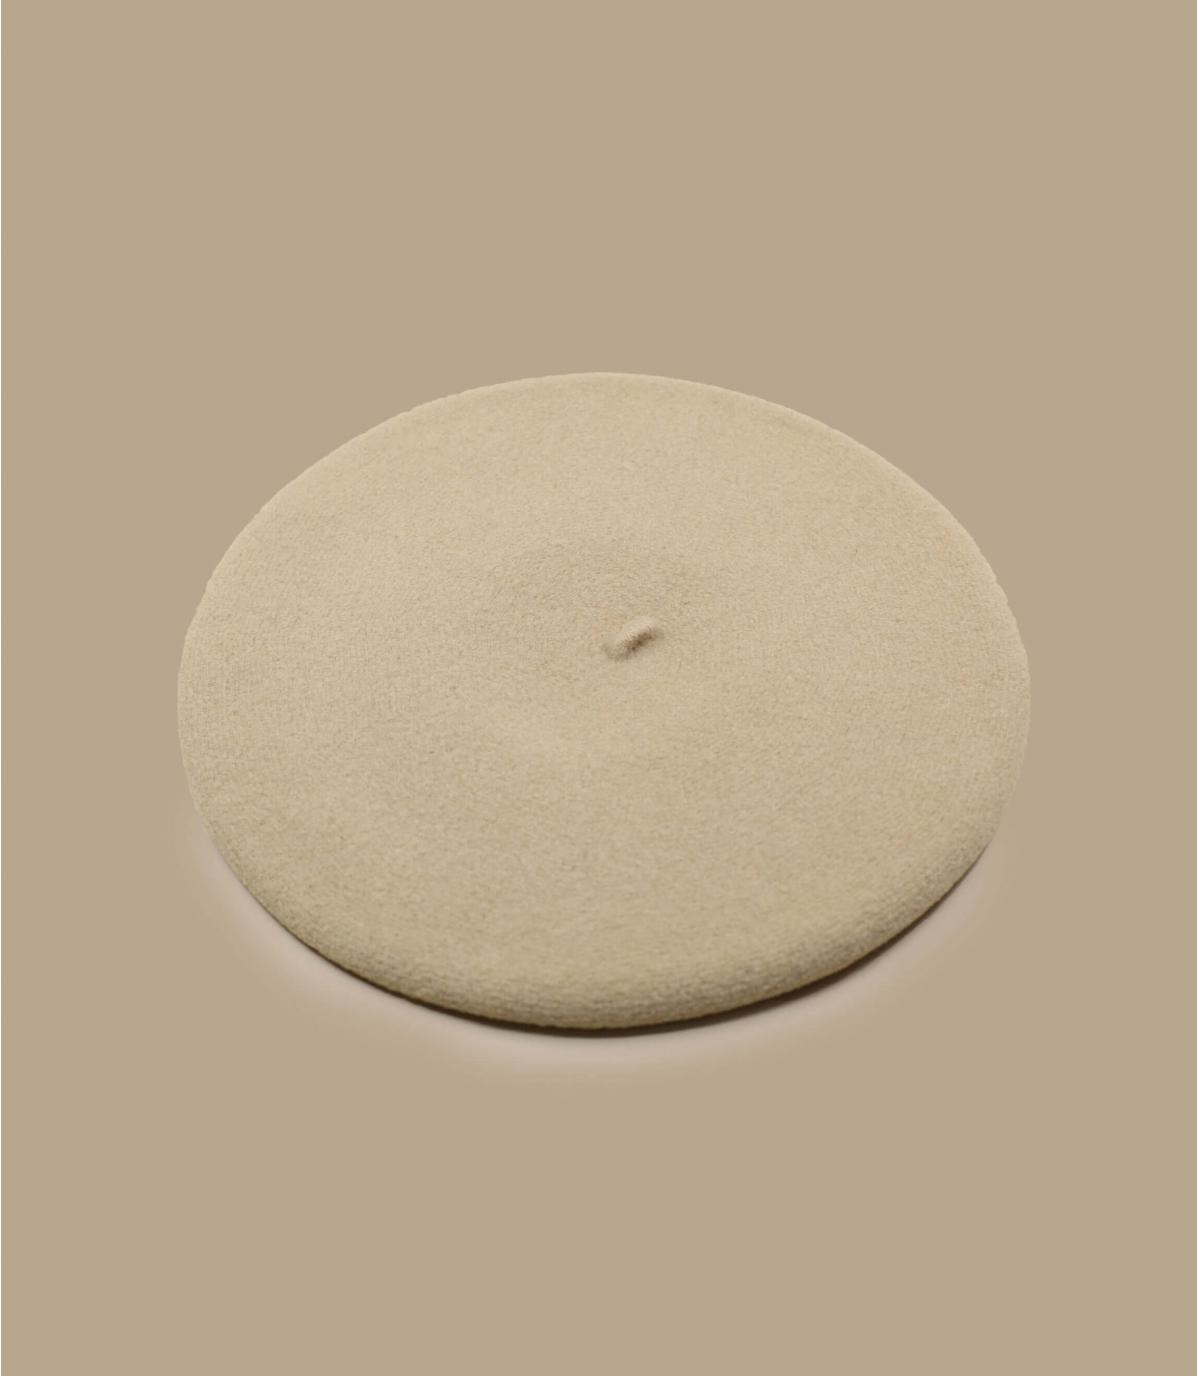 béret beige Laulhère